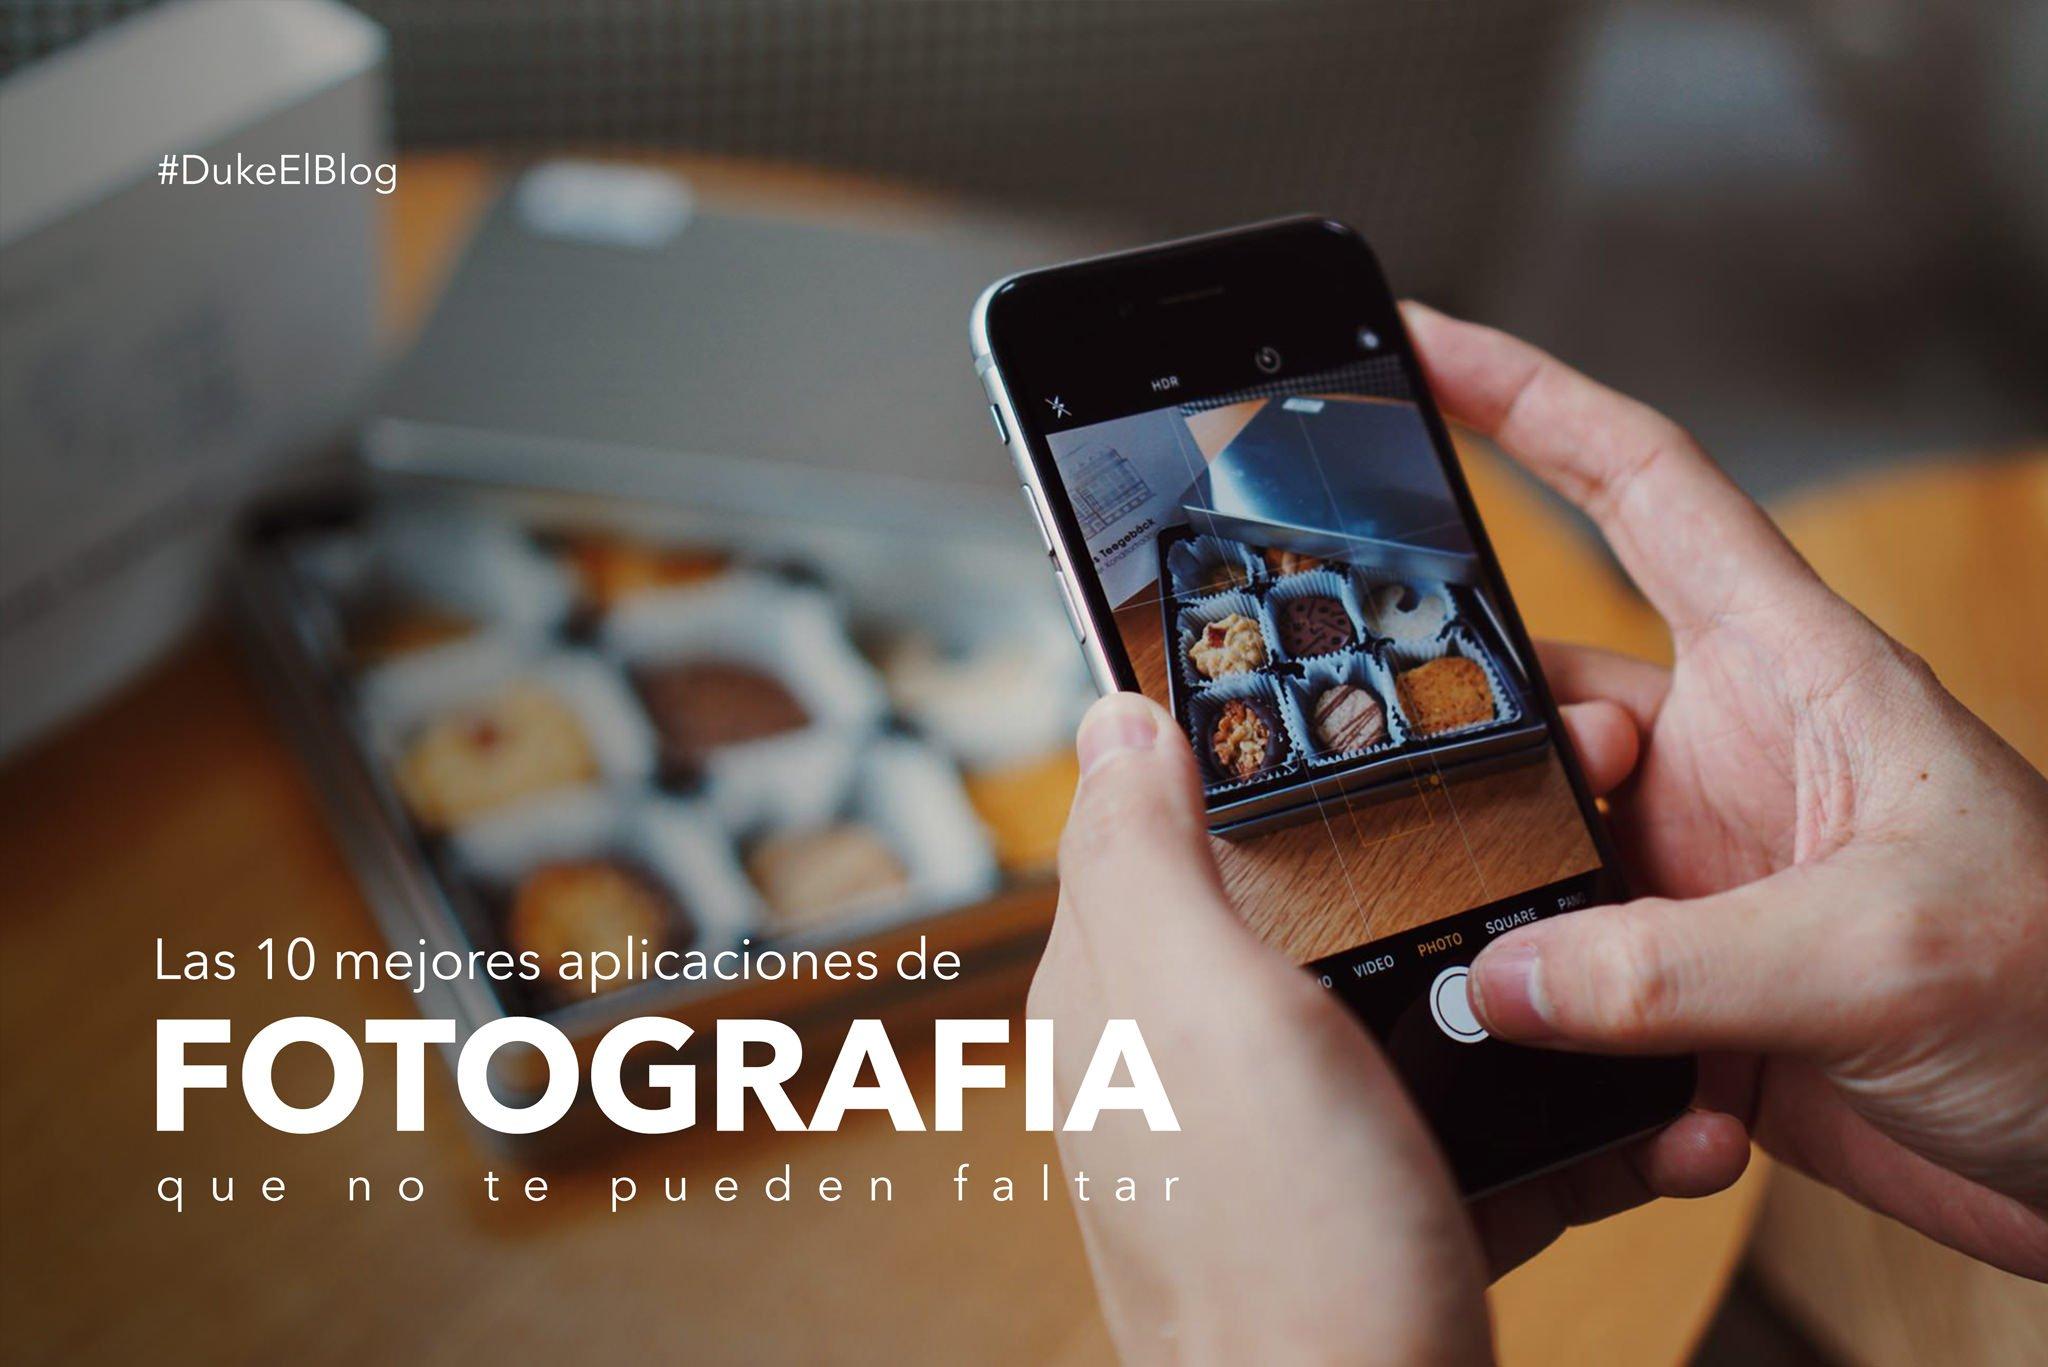 Duke fotografia, aplicaciones de fotografía, mejores aplicaciones fotografía, duke el blog, blog de fotografía, snapseed, vasco,